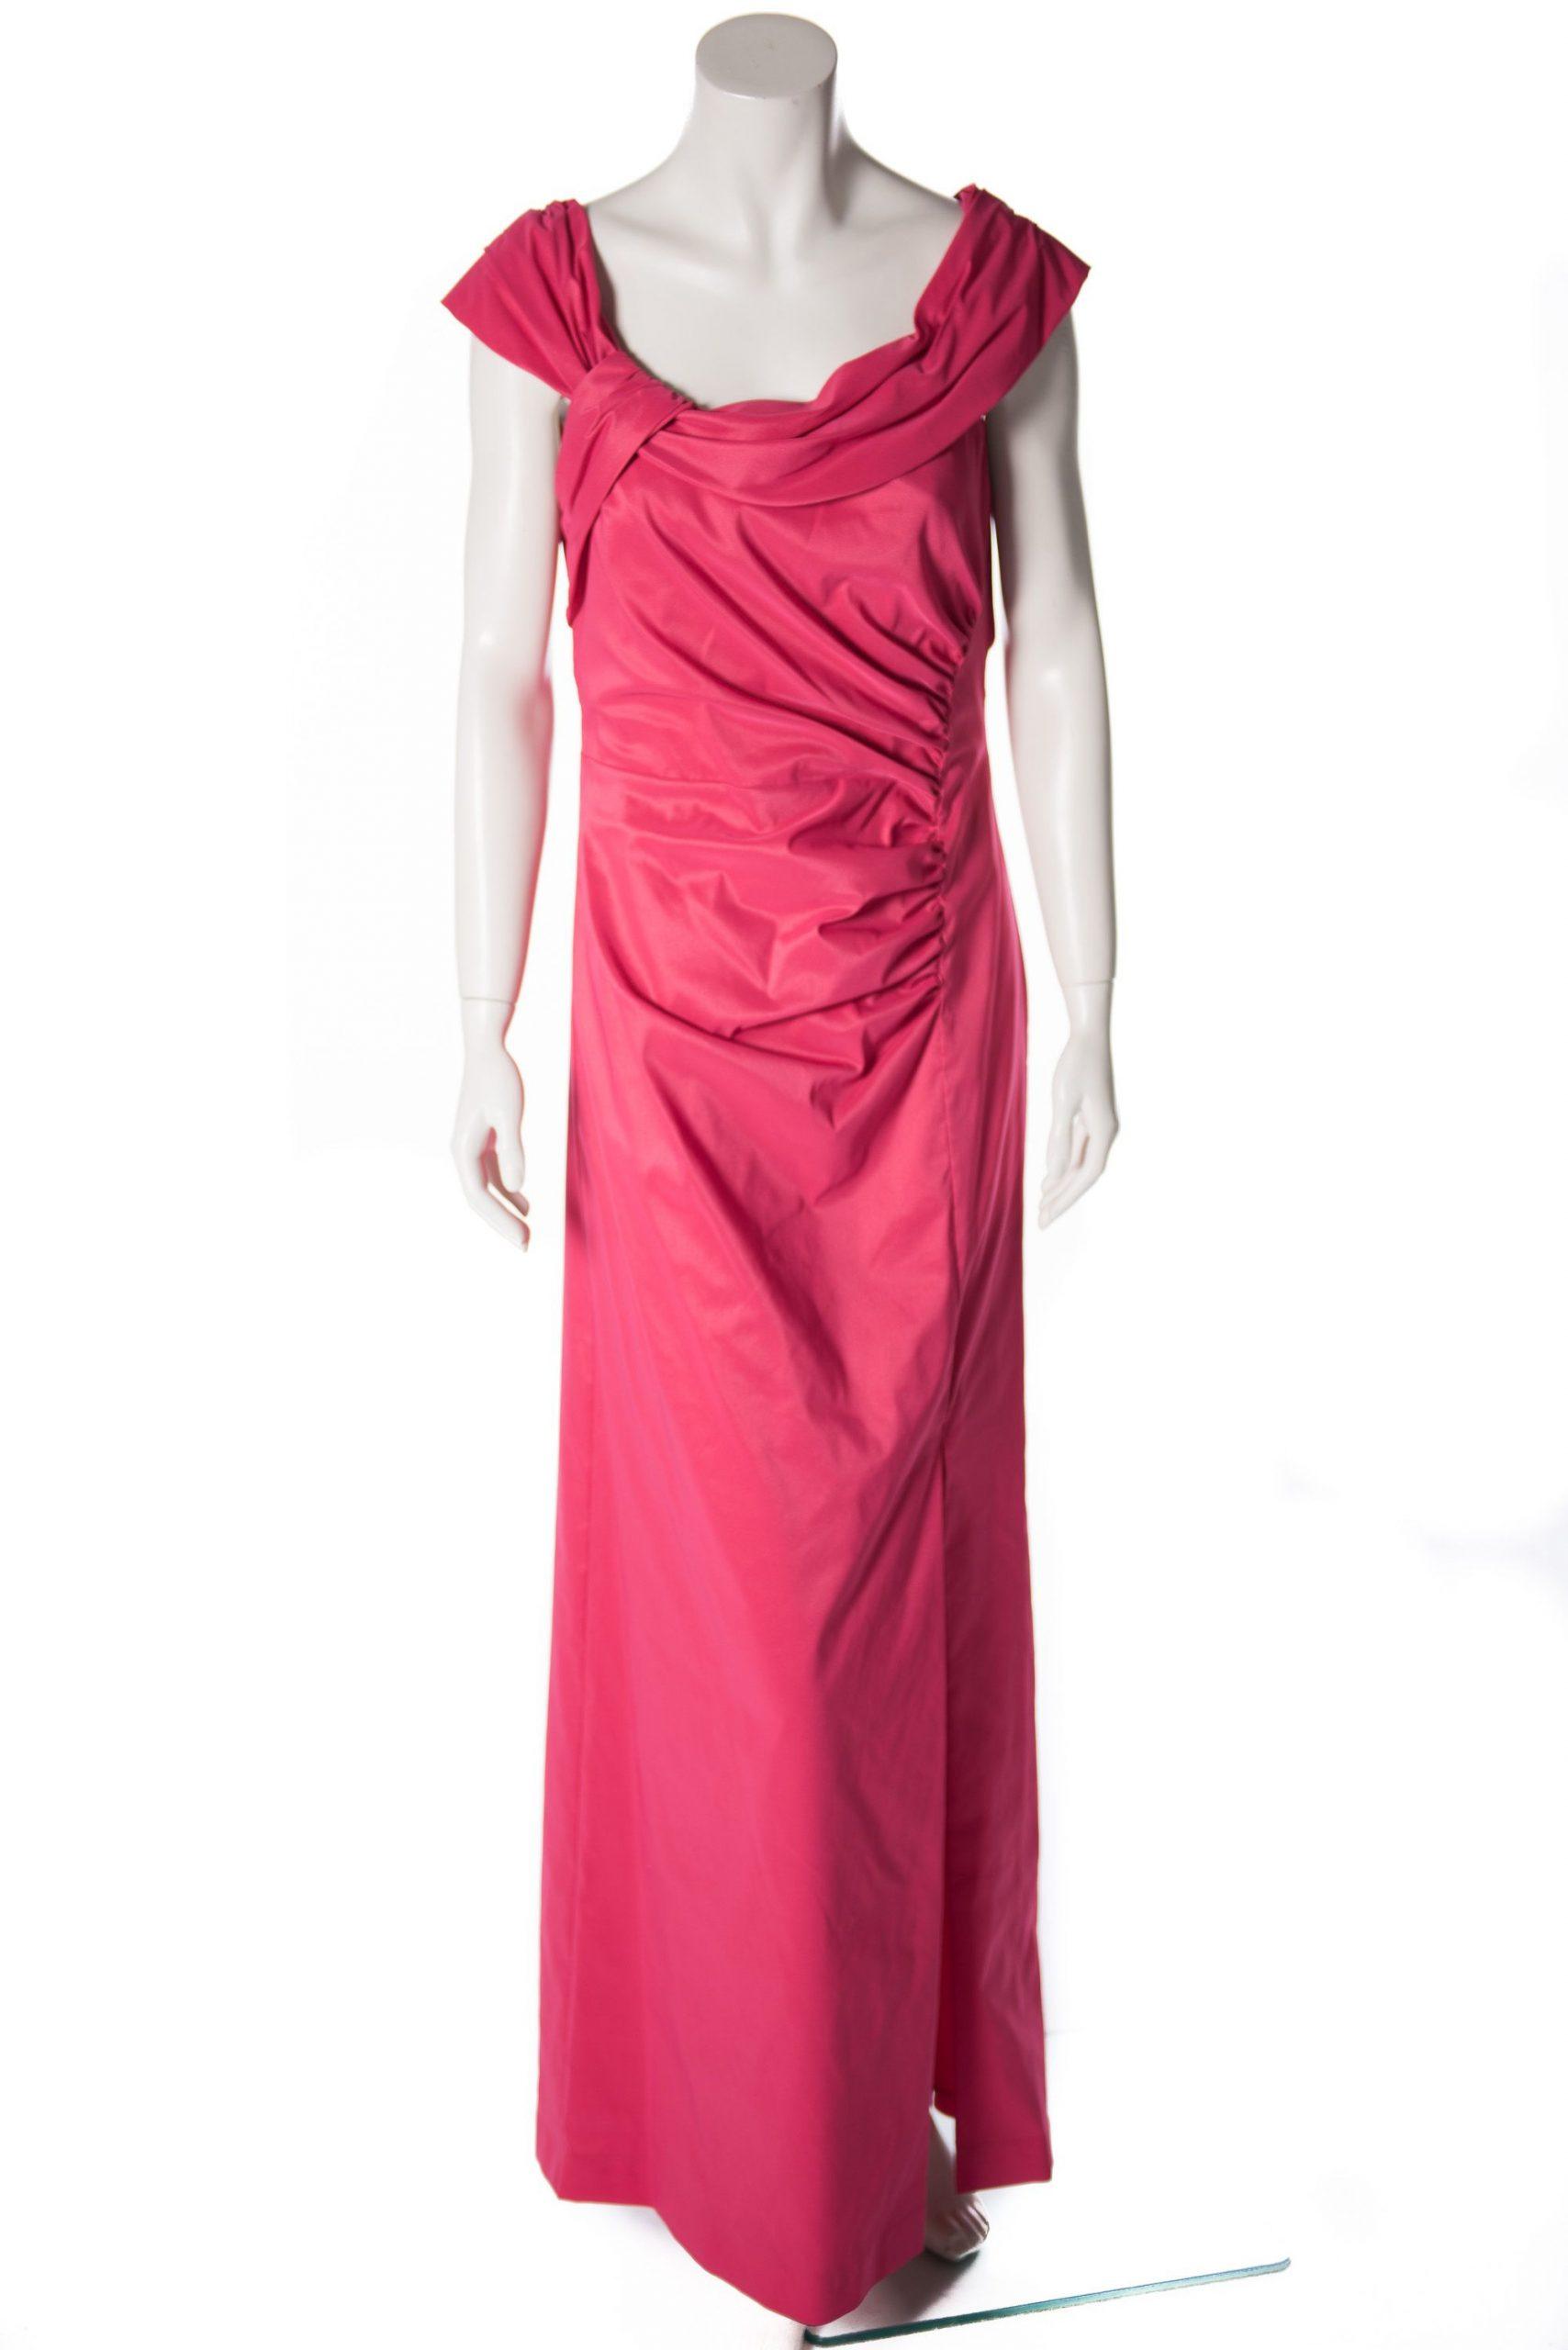 Abend Coolste Pinkes Abendkleid GalerieFormal Coolste Pinkes Abendkleid Galerie